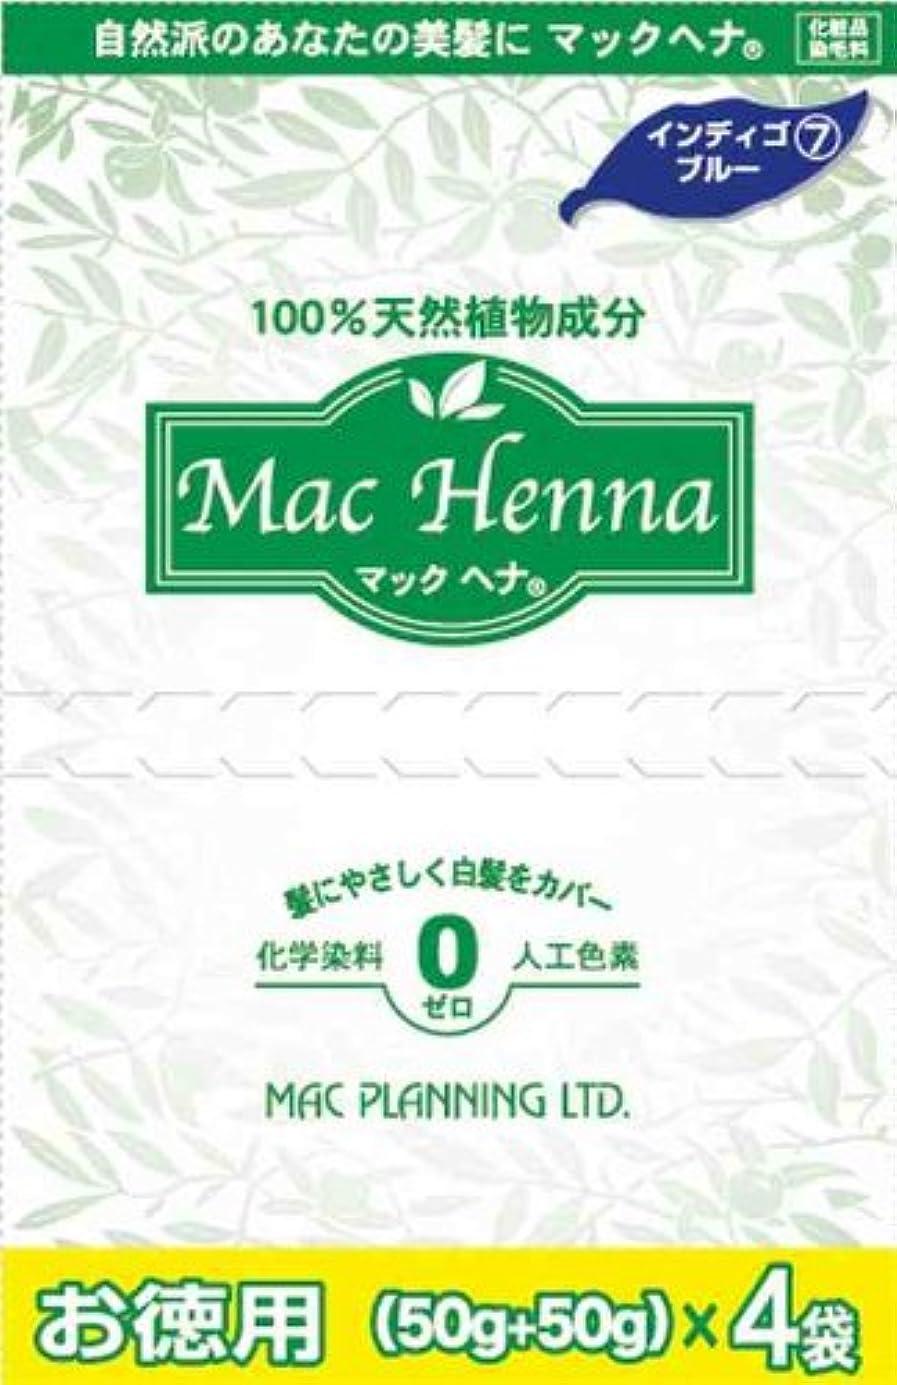 起点ソケット革命マックヘナ インディゴブルー お徳用 (50g+50g)×4